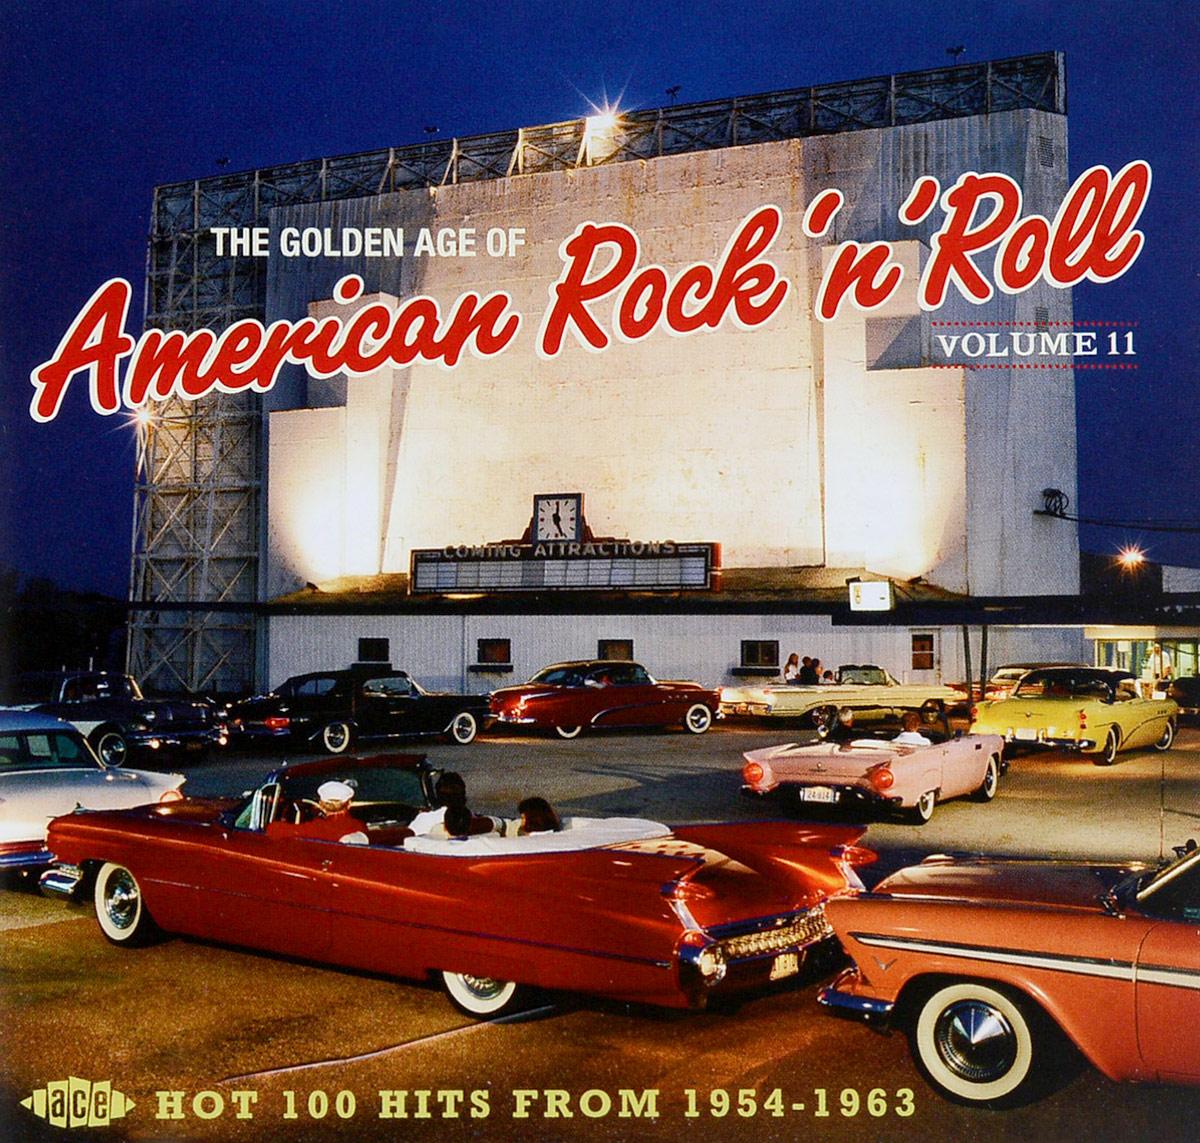 лучшая цена The Golden Age Of American Rock'n'roll Vol. 11